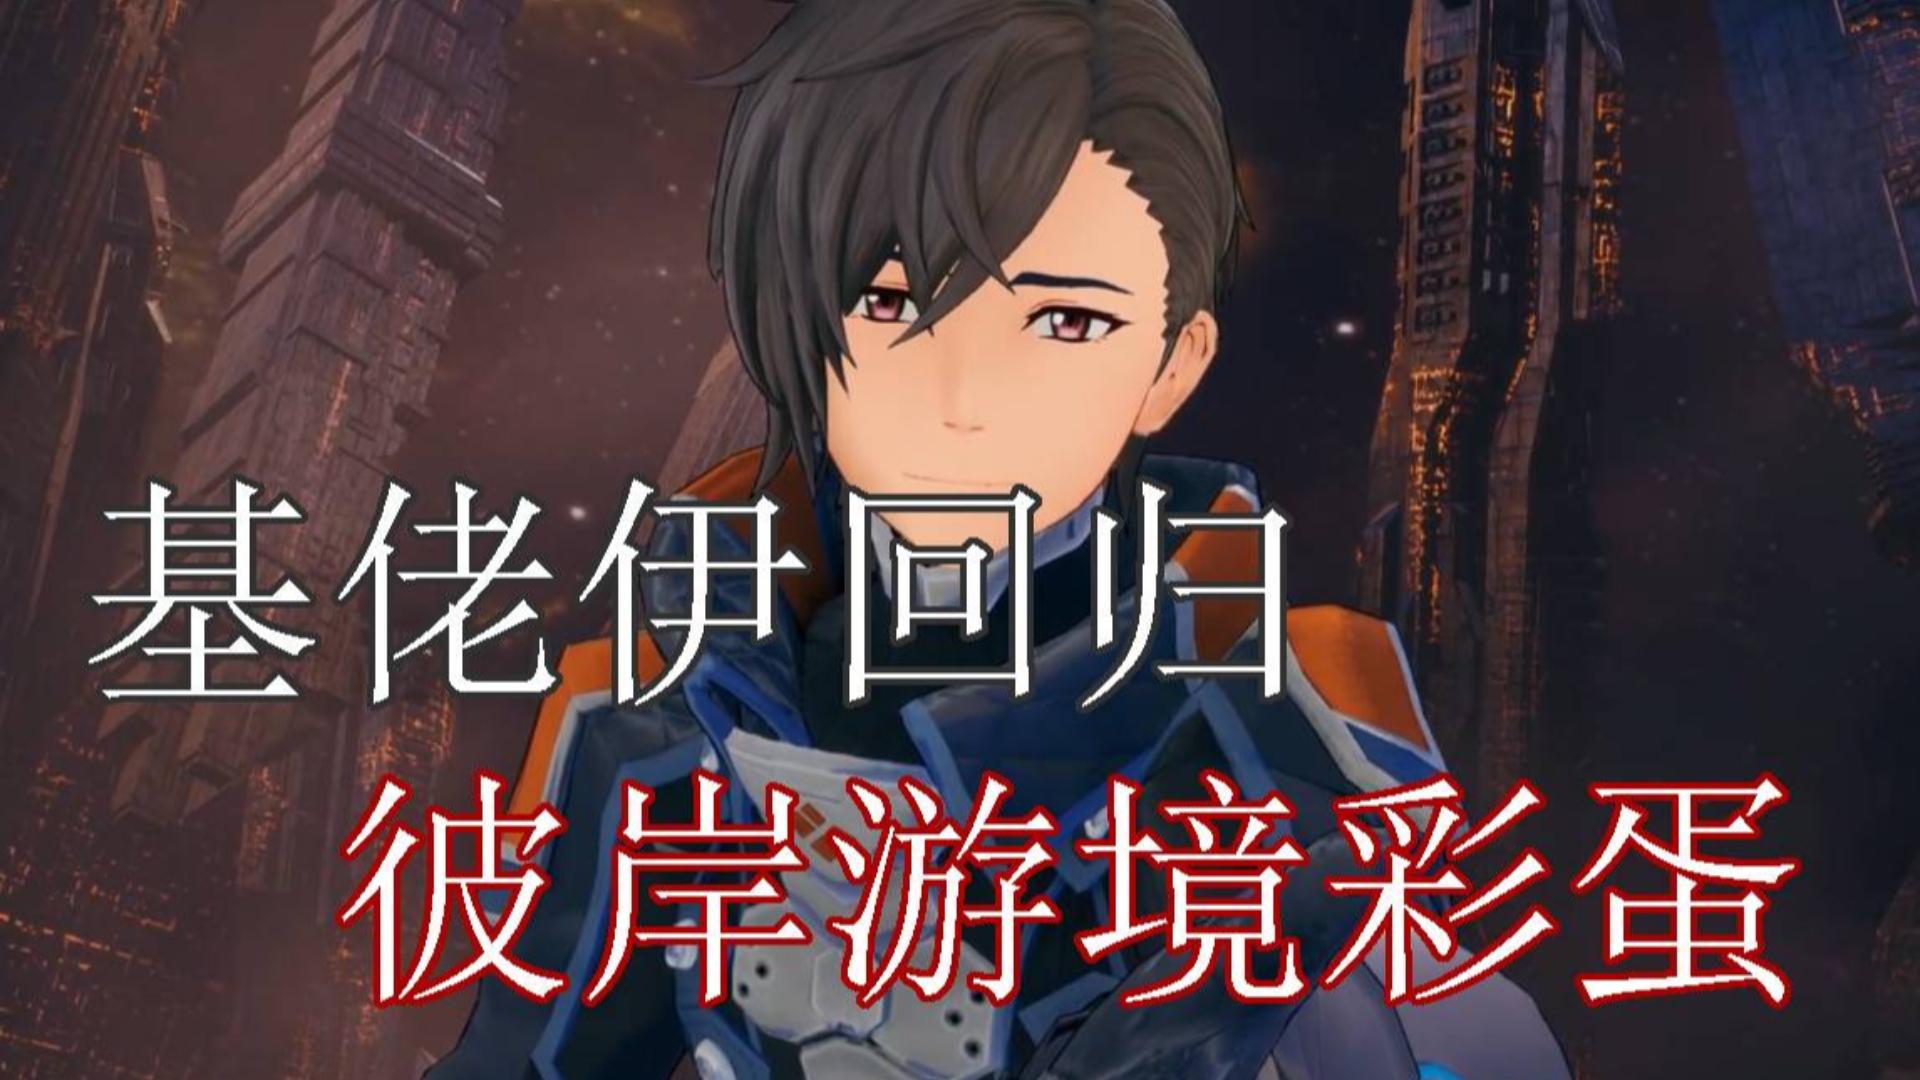 刀剑神域游戏最新剧情及新作彩蛋